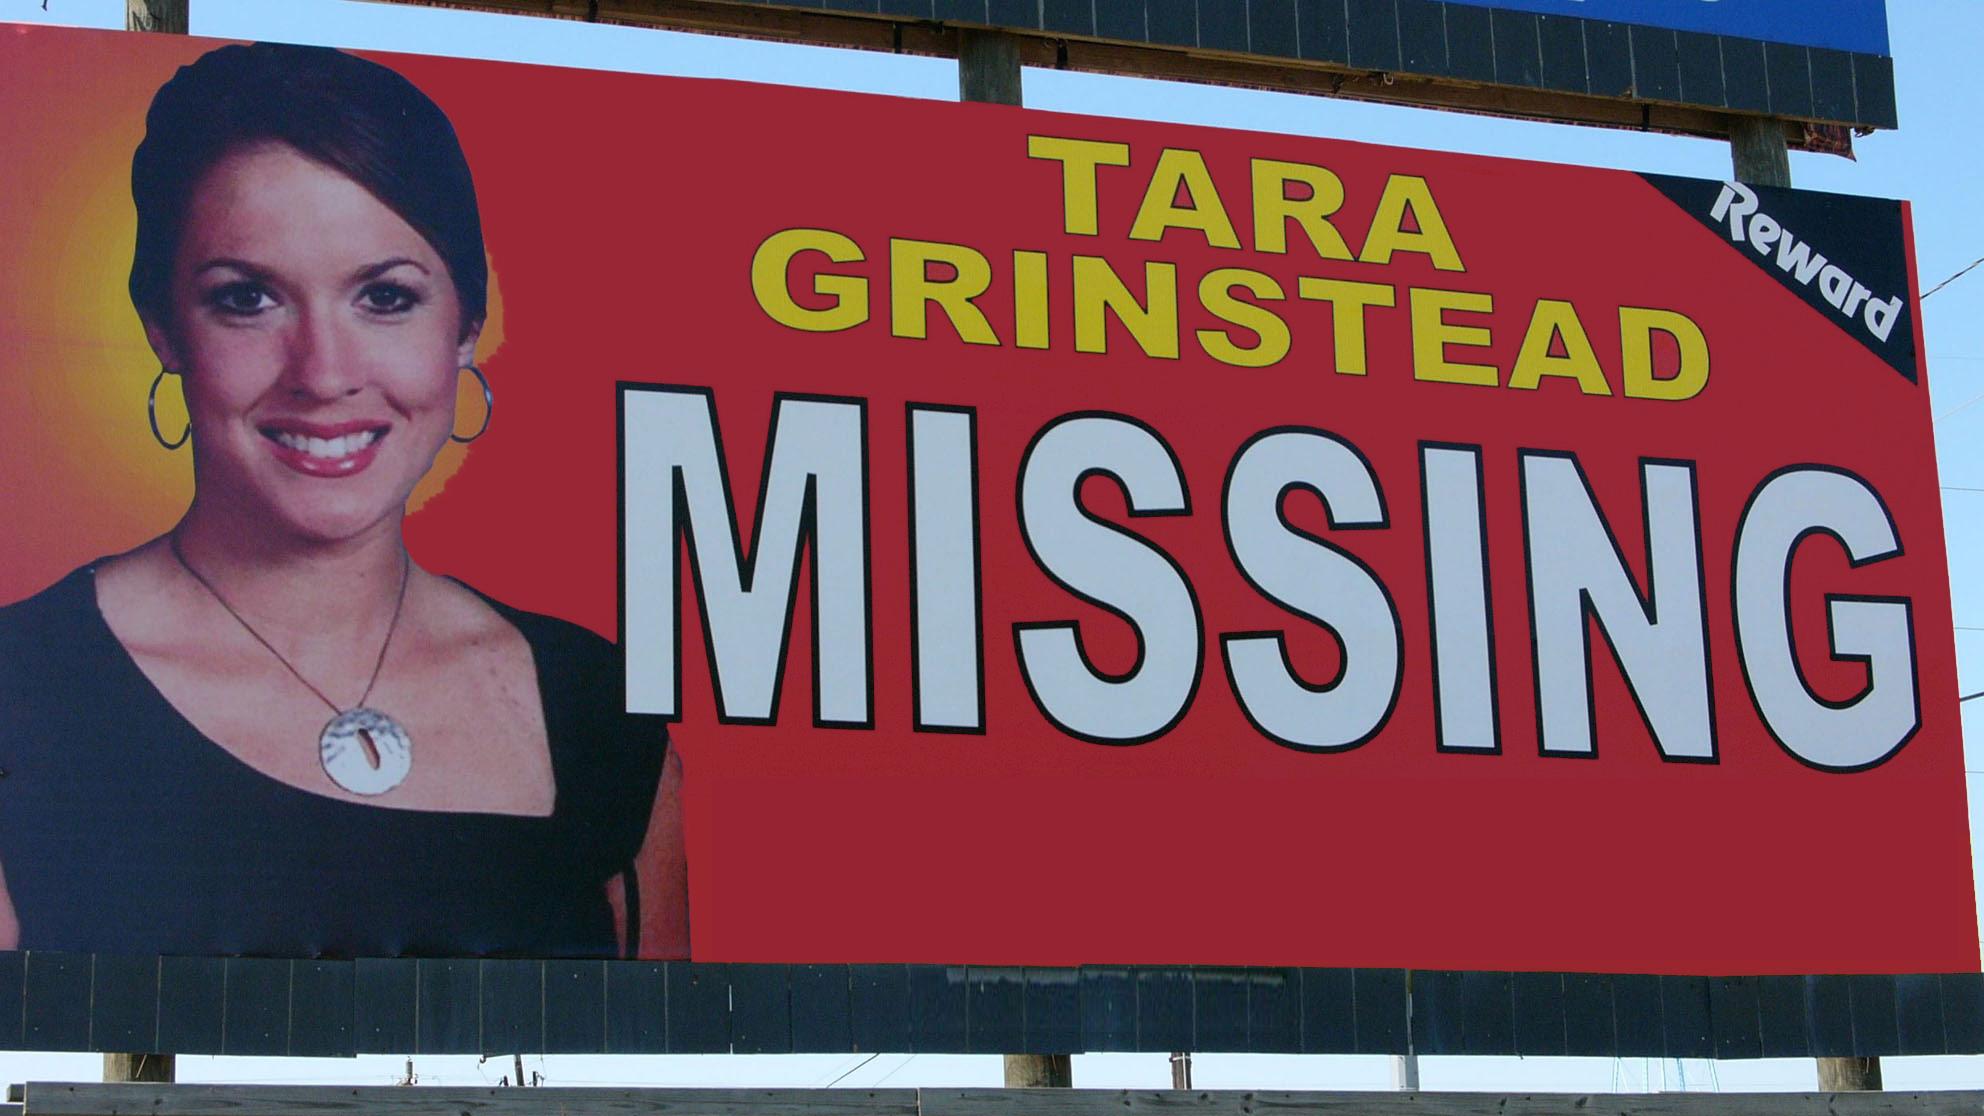 Kes on Heath Dykes ja kuidas ta tundis Tara Grinsteadi, keda politsei arvates mõrvati?